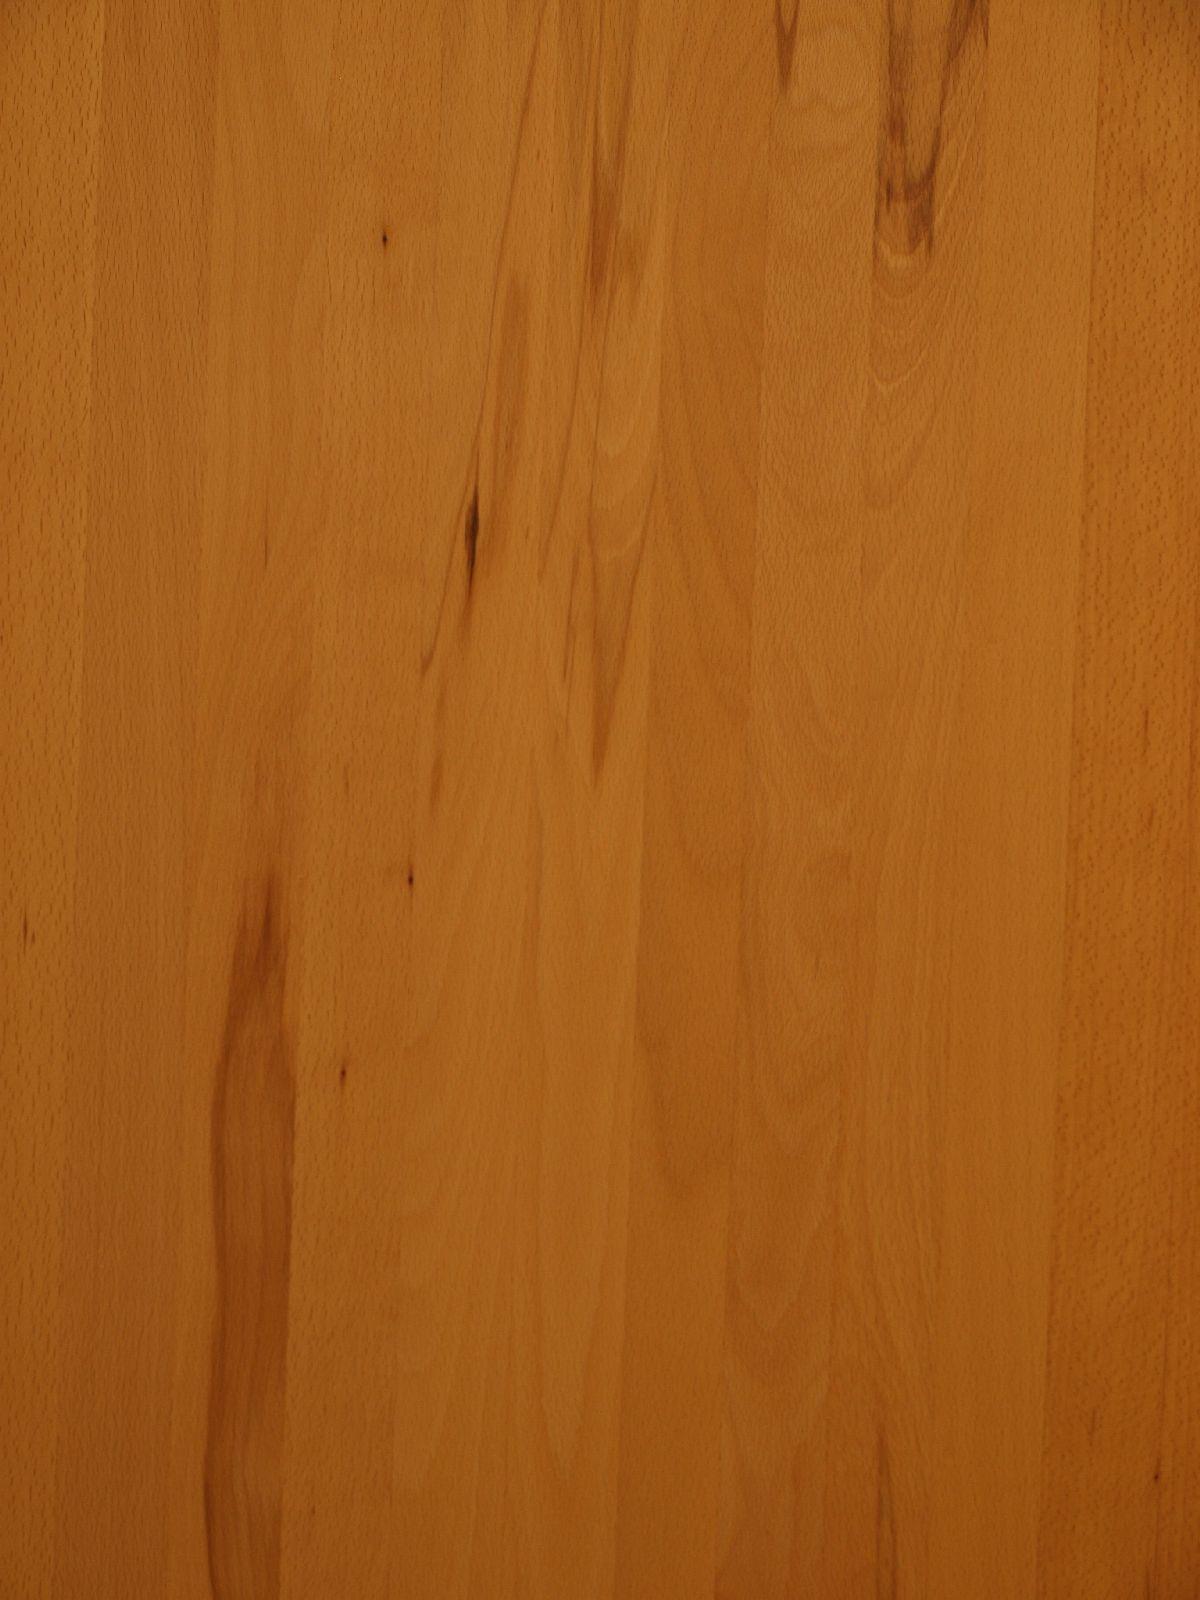 Holz_Textur_A_P9269828